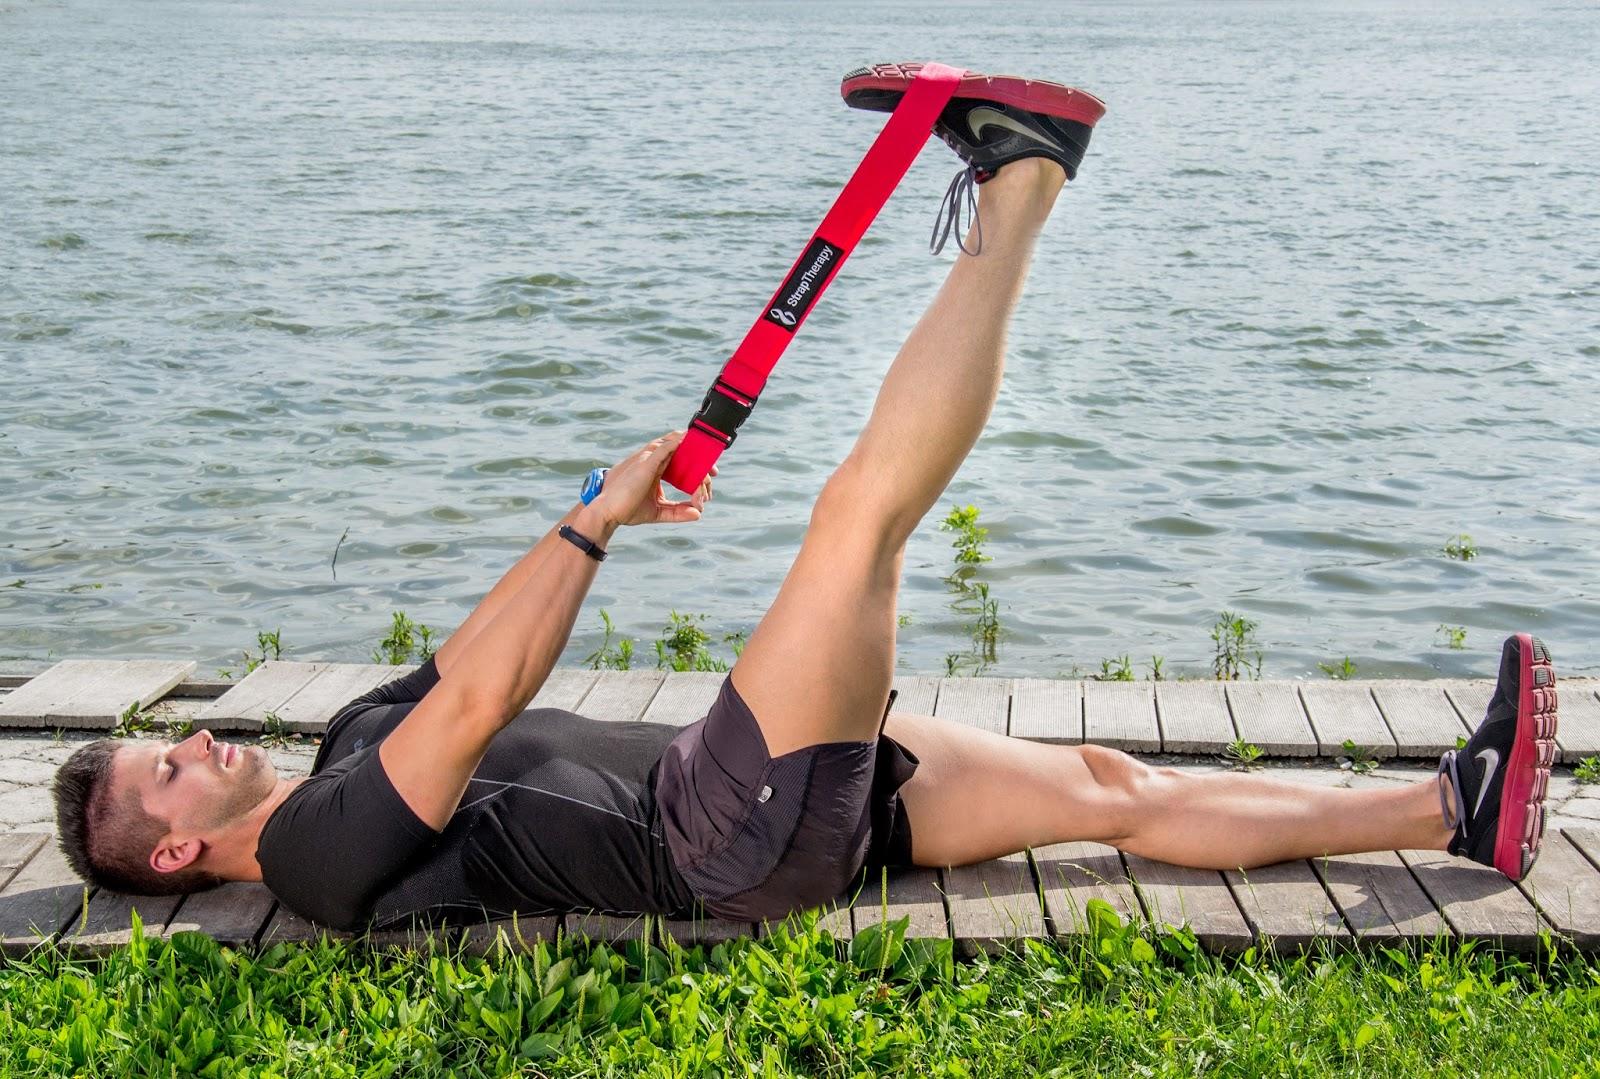 ízületi rugalmasság előkészítése nagy ízületek gyulladása és fájdalomérzékenység figyelhető meg